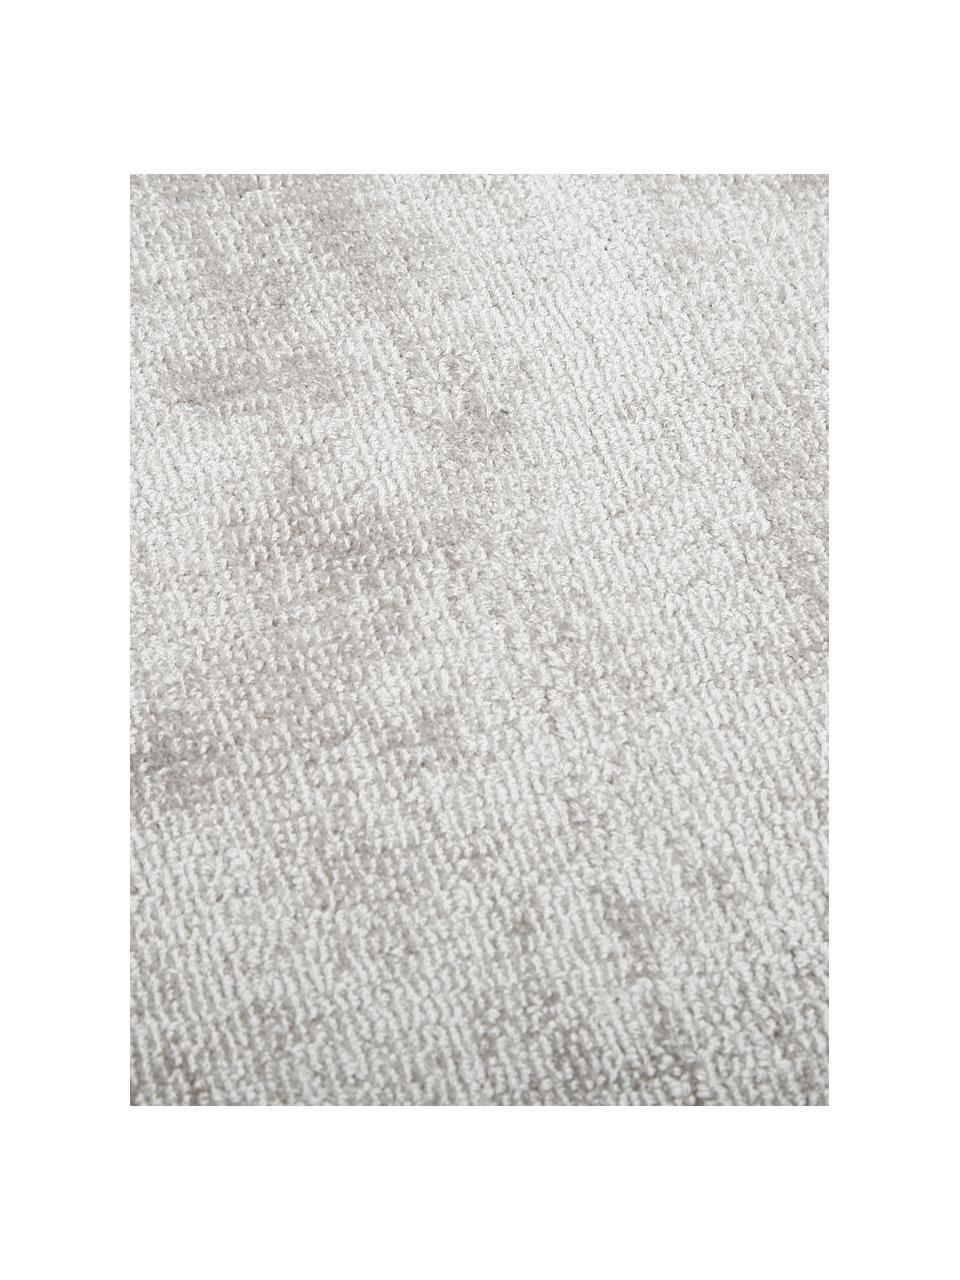 Tapis de couloir gris en viscose Jane, Gris-beige clair